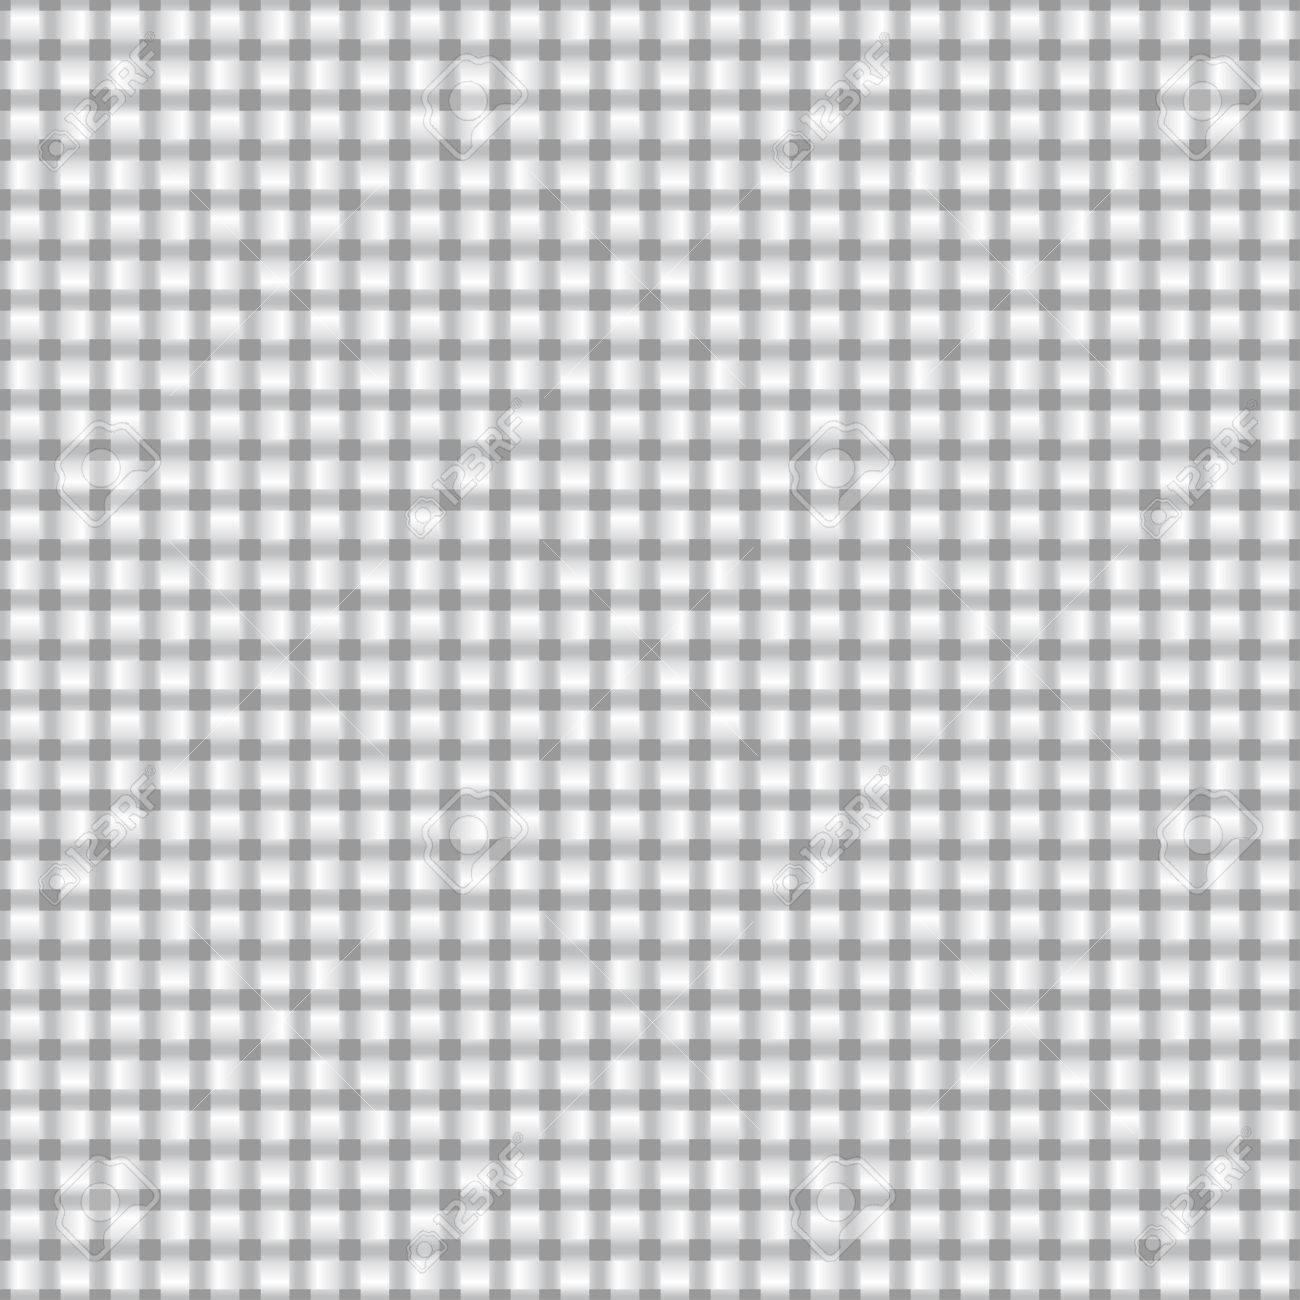 Patrón De Costura Sin Fisuras. Blanca Textil Evenweave Ilimitada ...